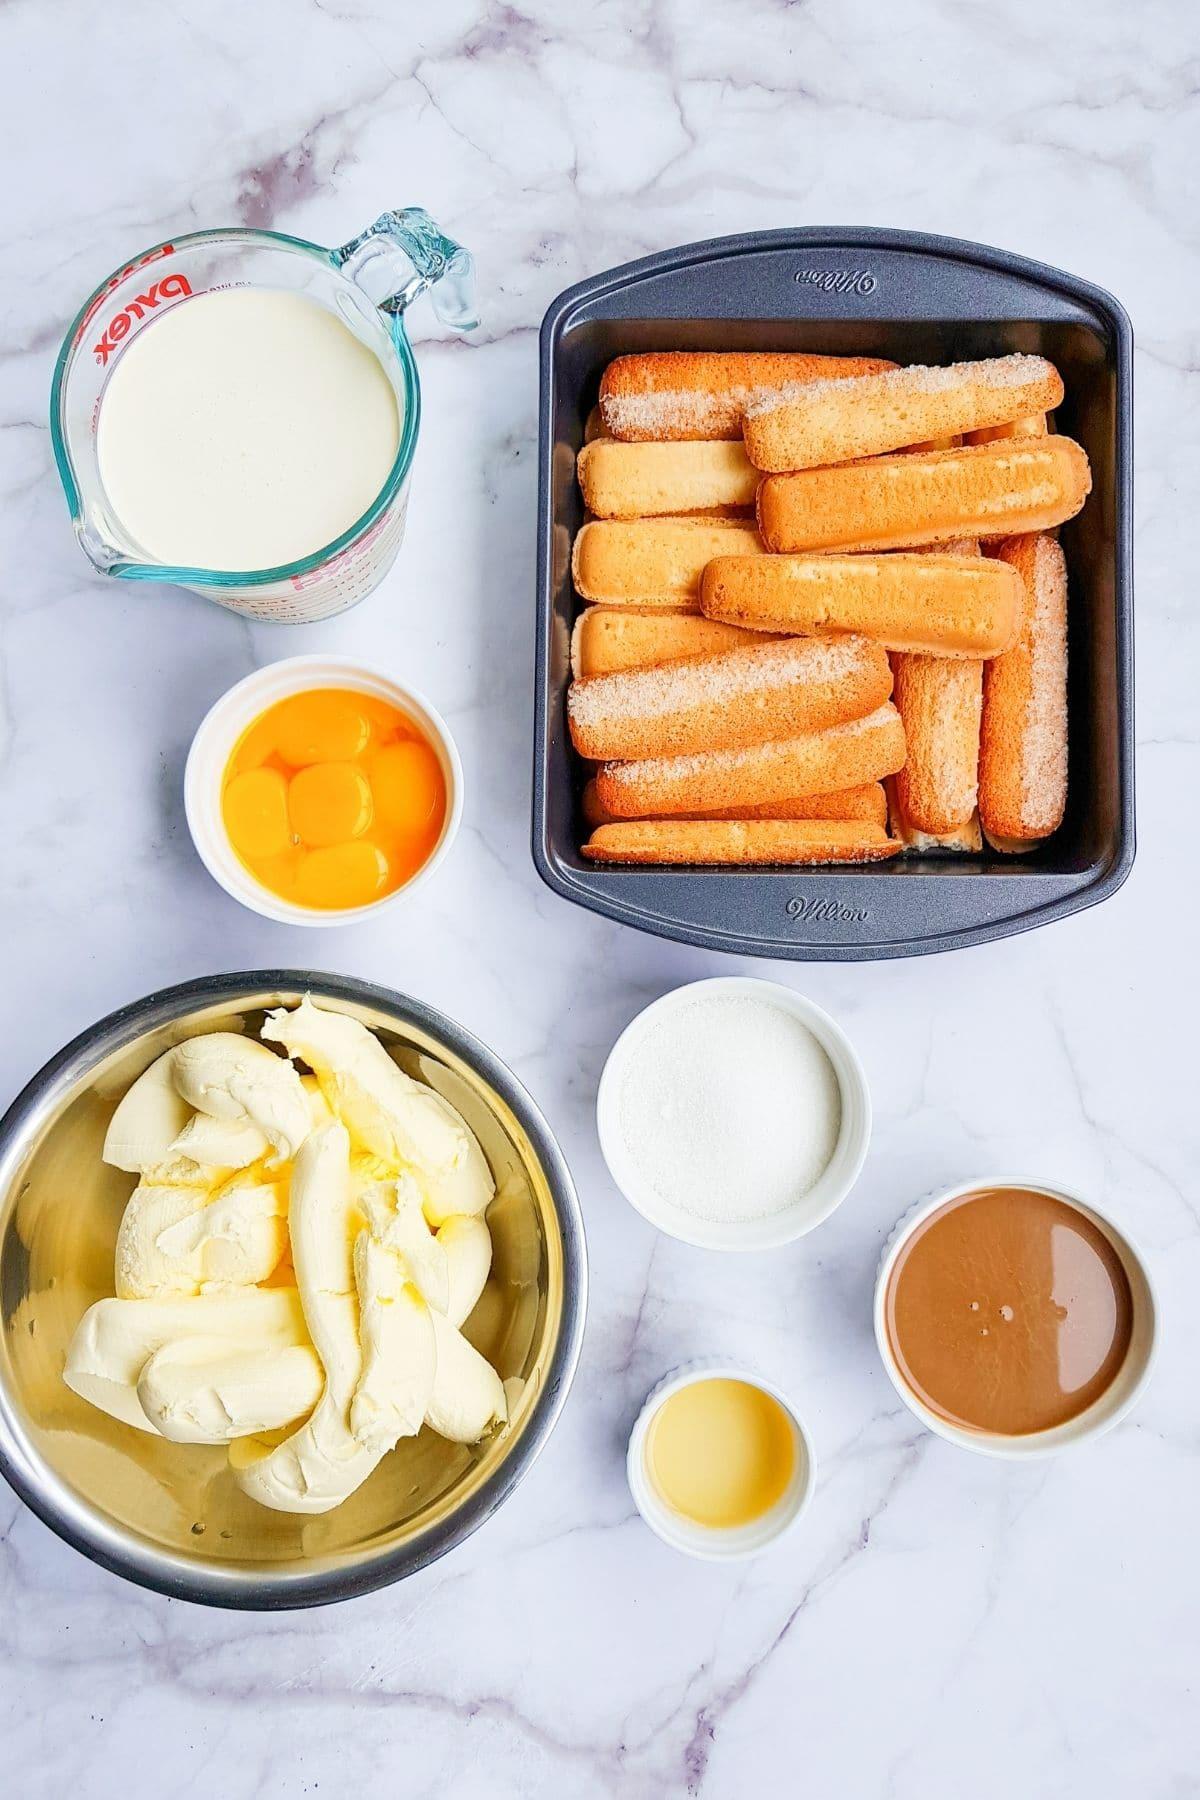 Ingredients for tiramisu